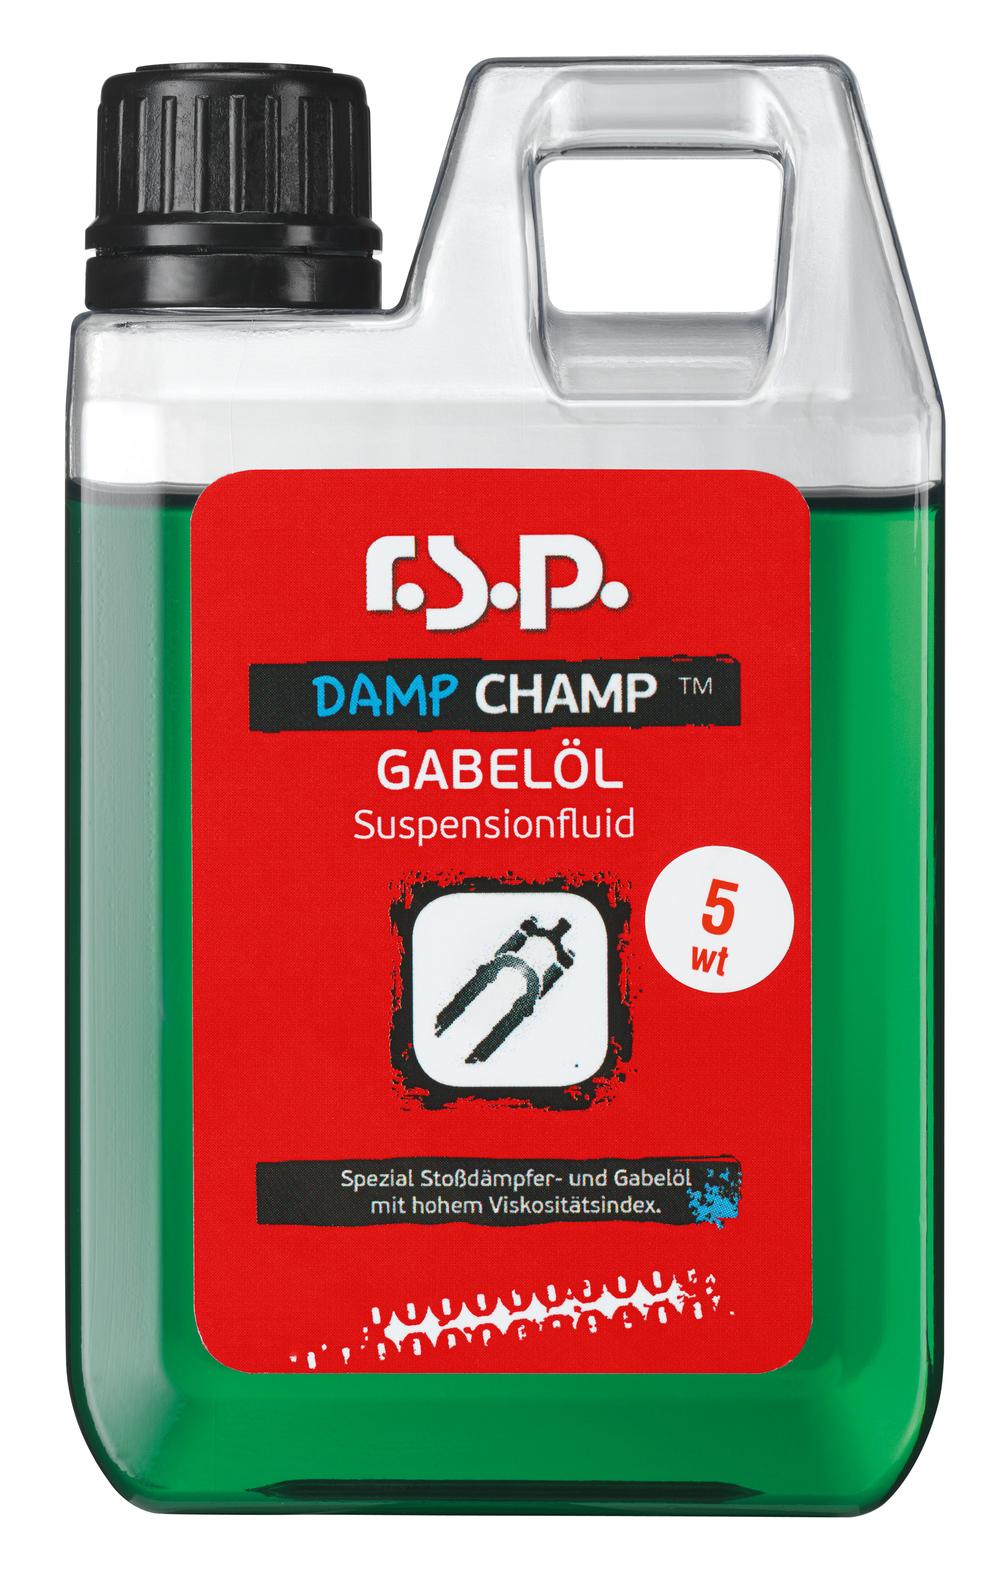 rsp 062065005 Damp Champ 250ml 5wt.jpg